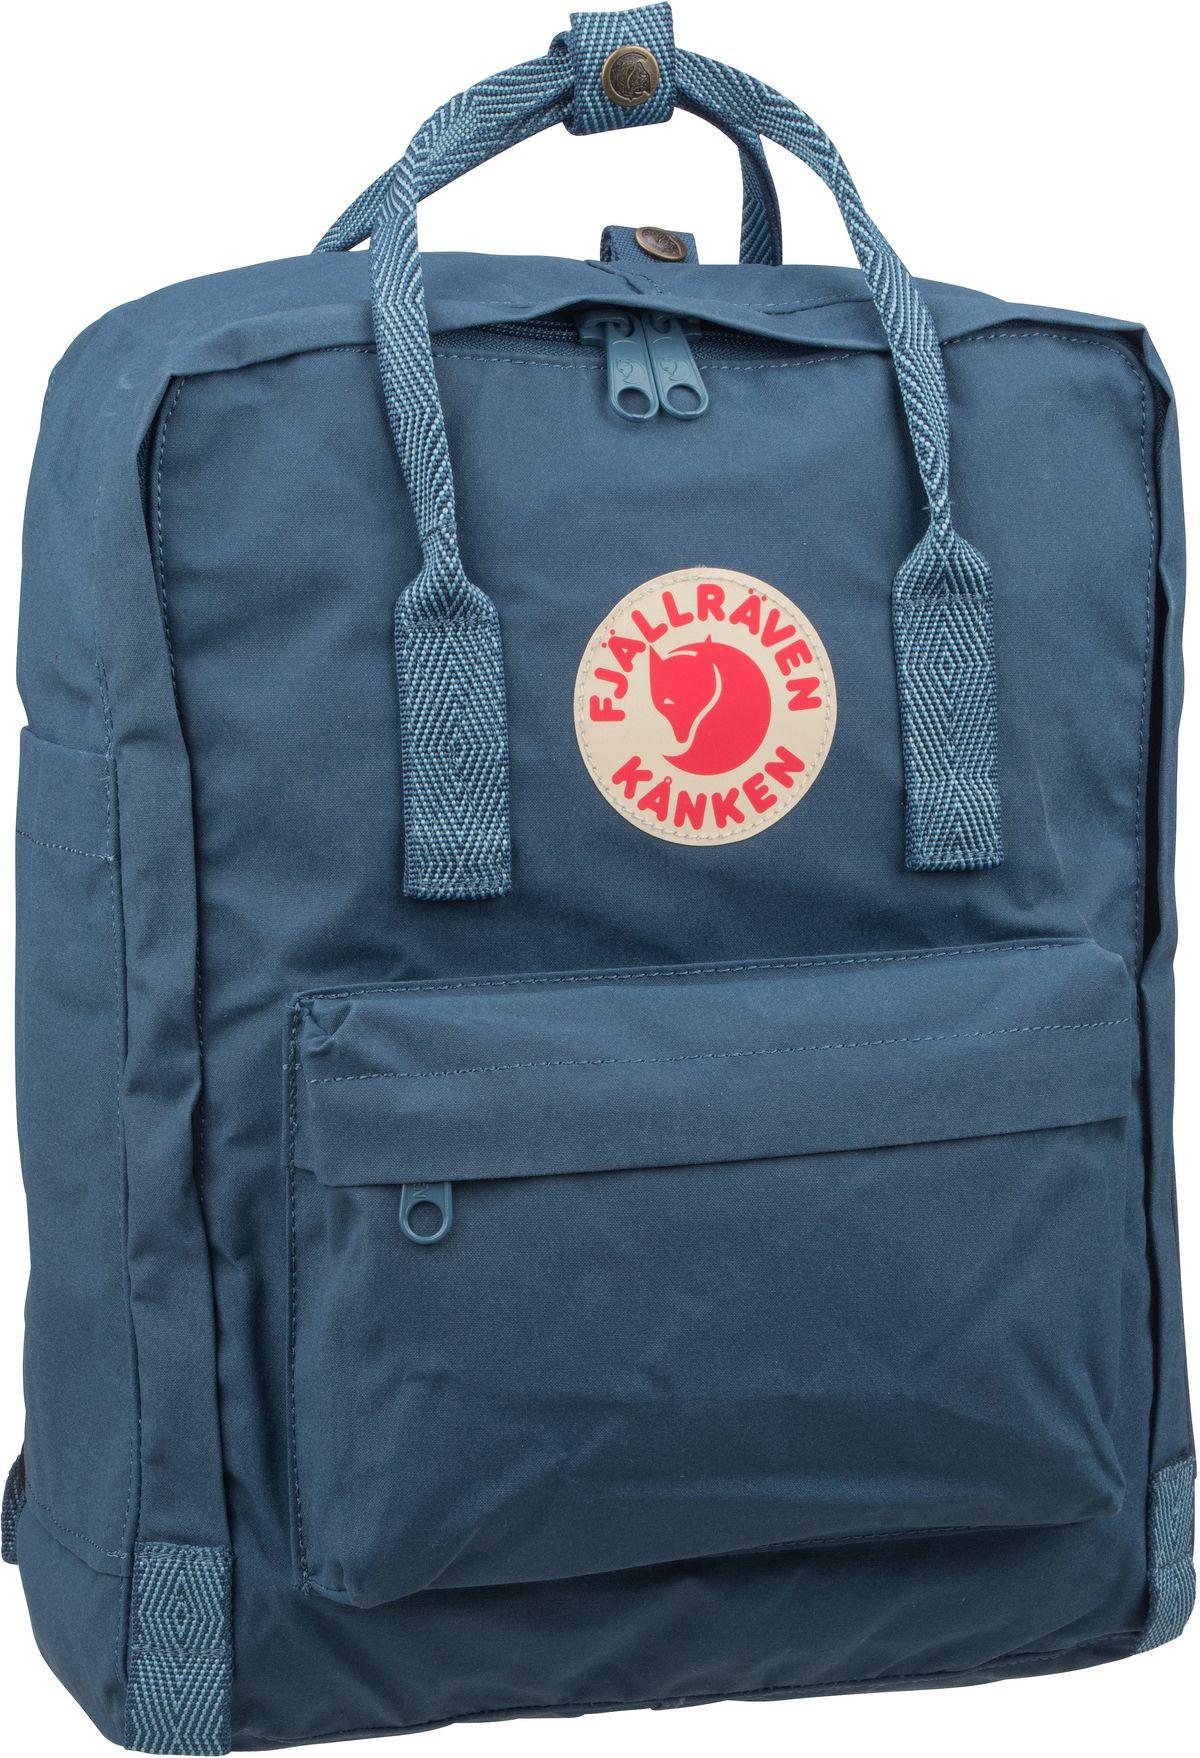 Rucksack / Daypack Kanken Royal Blue/Goose Eye (16 Liter)